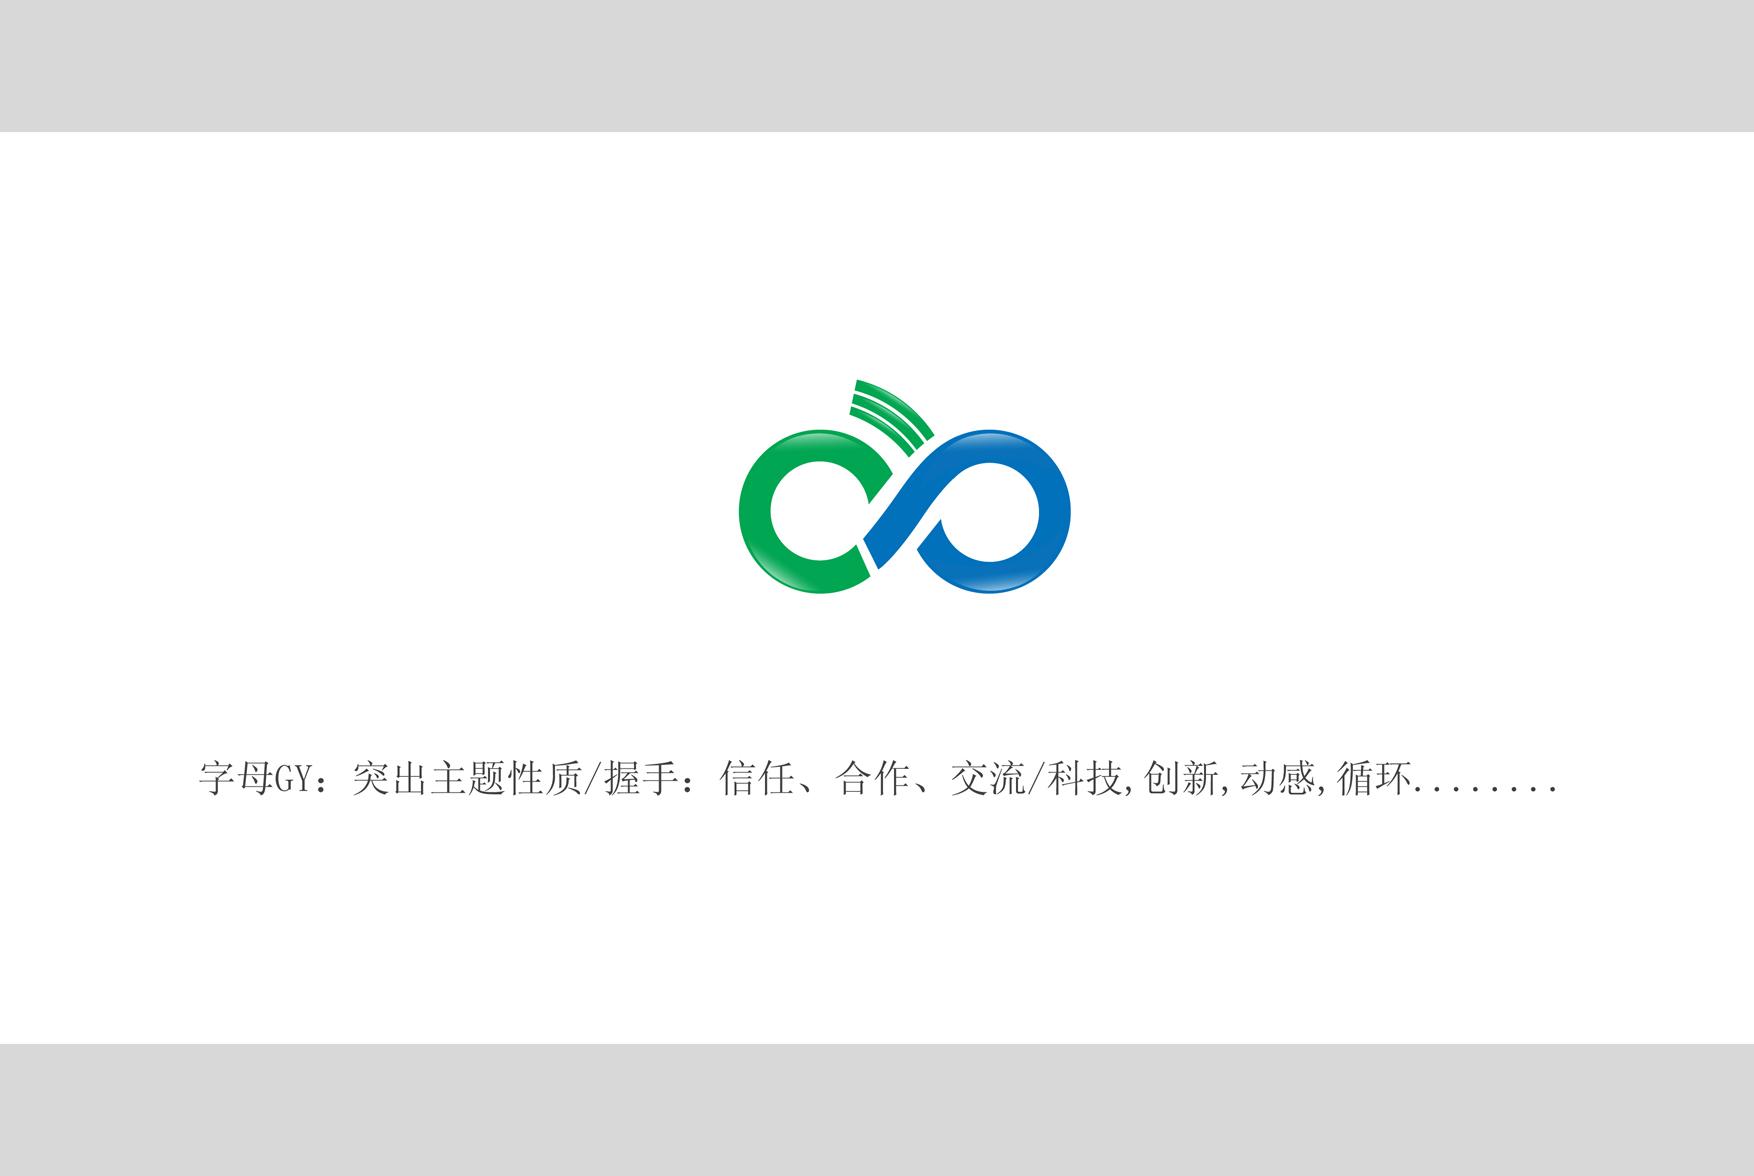 企业logo设计 - 图形与logo设计 - 猪八戒网国际站